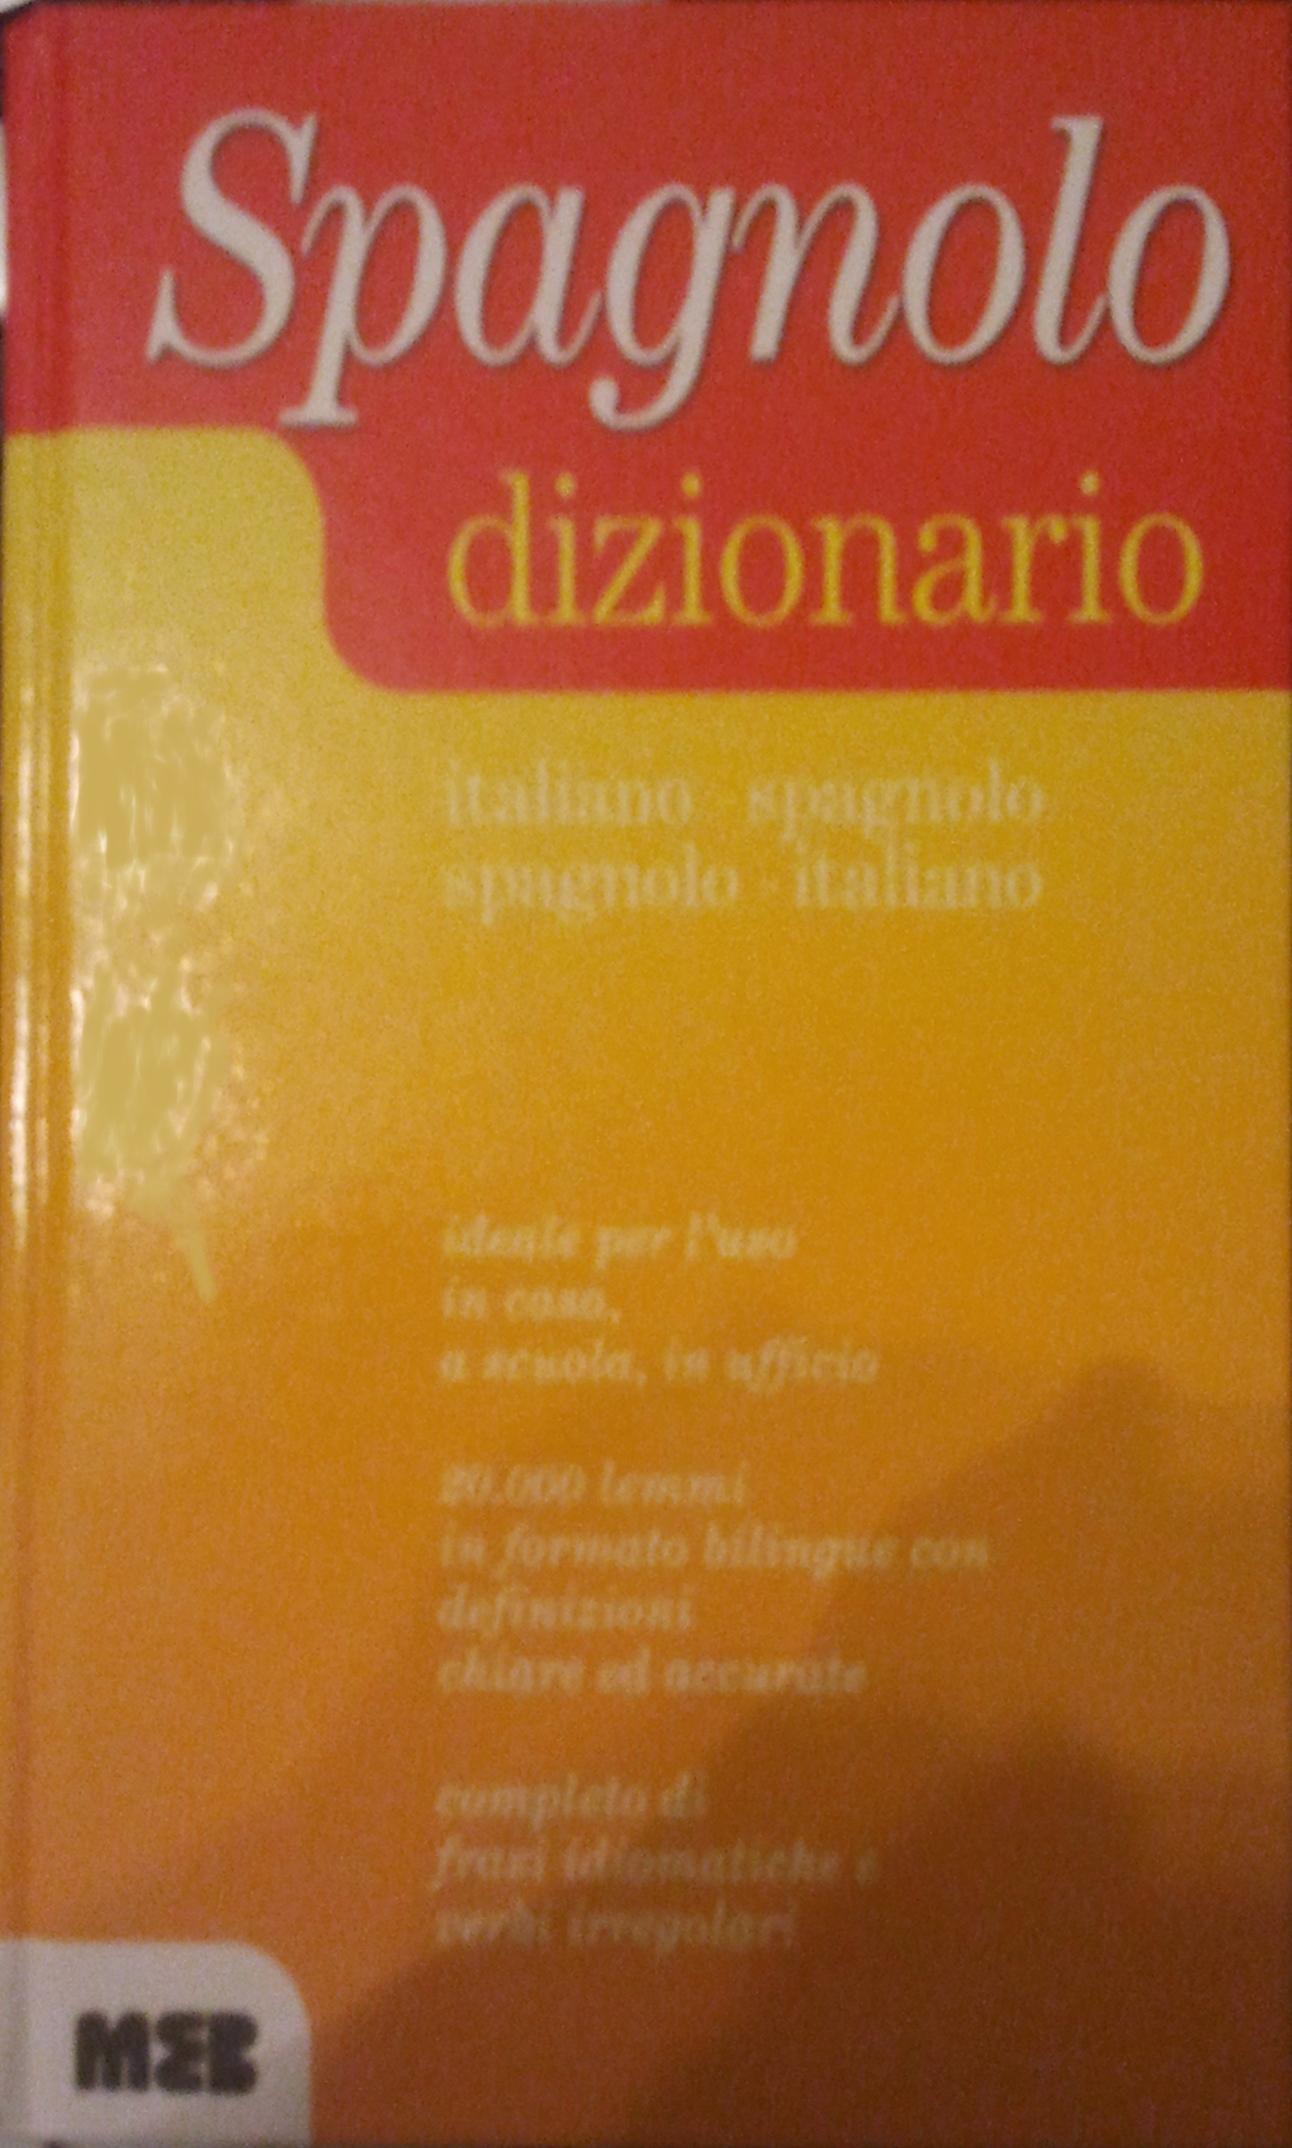 Dizionario di spagnolo